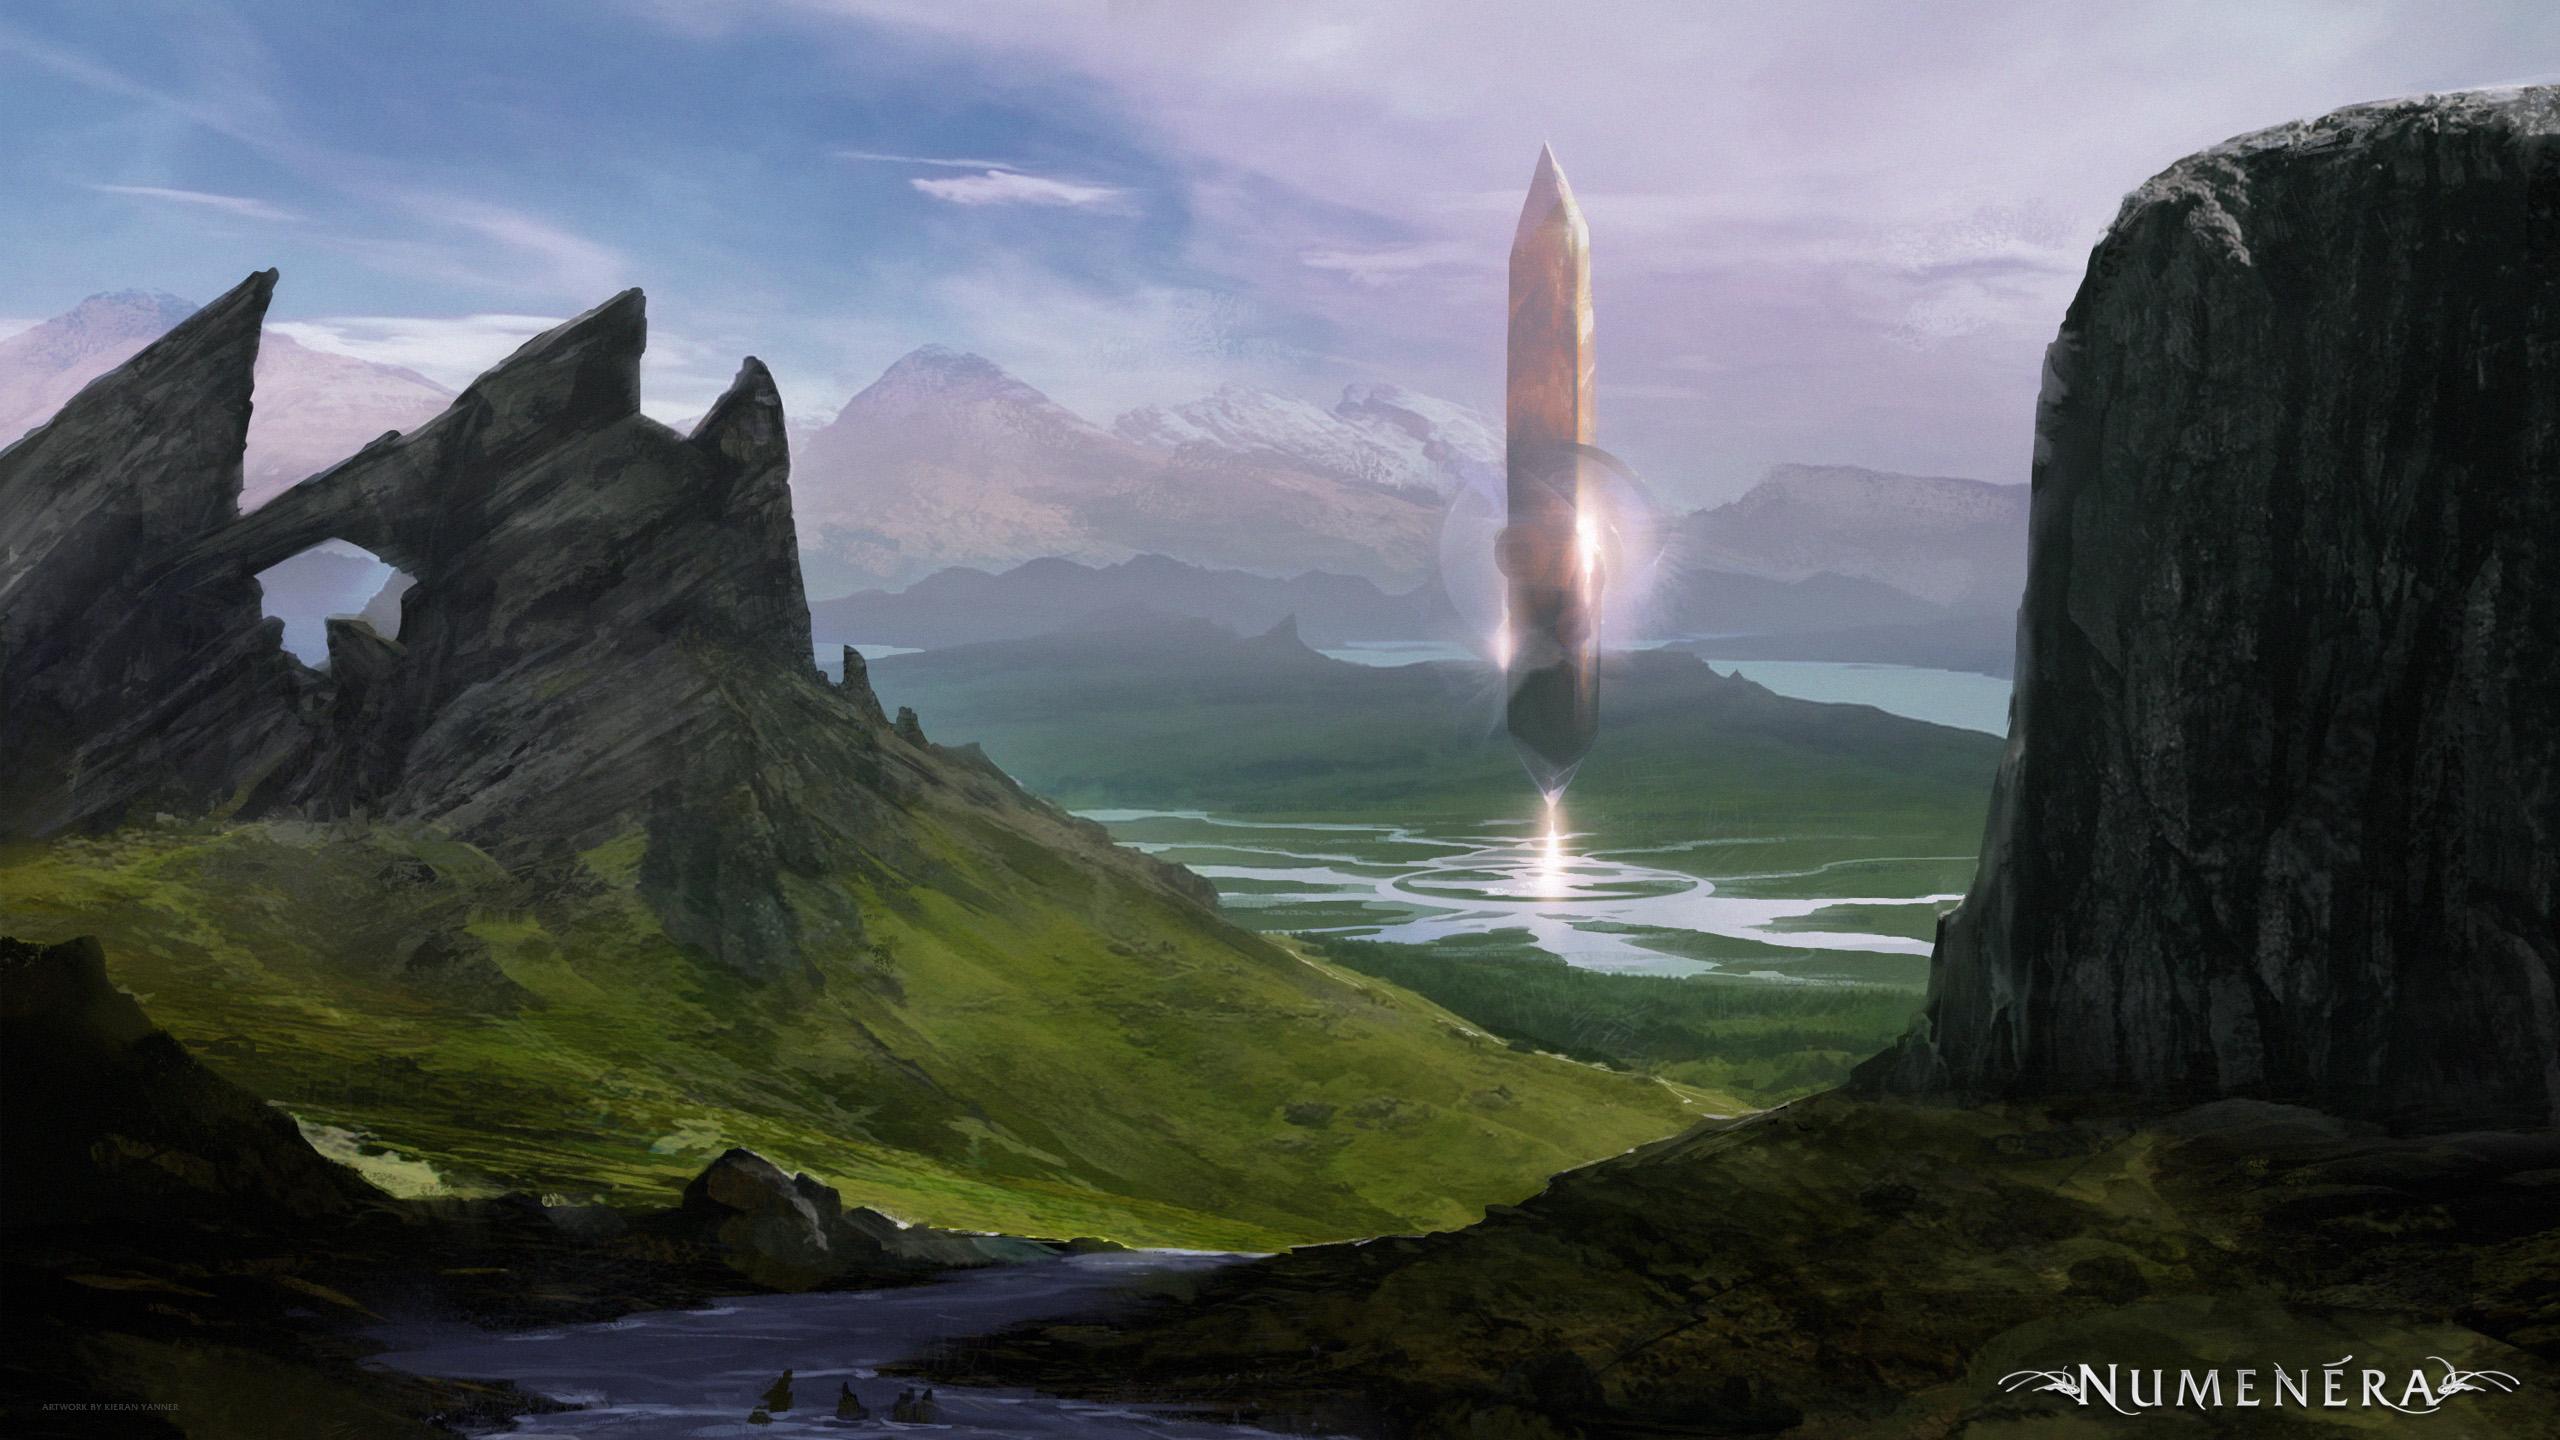 2560x1440 landscape2